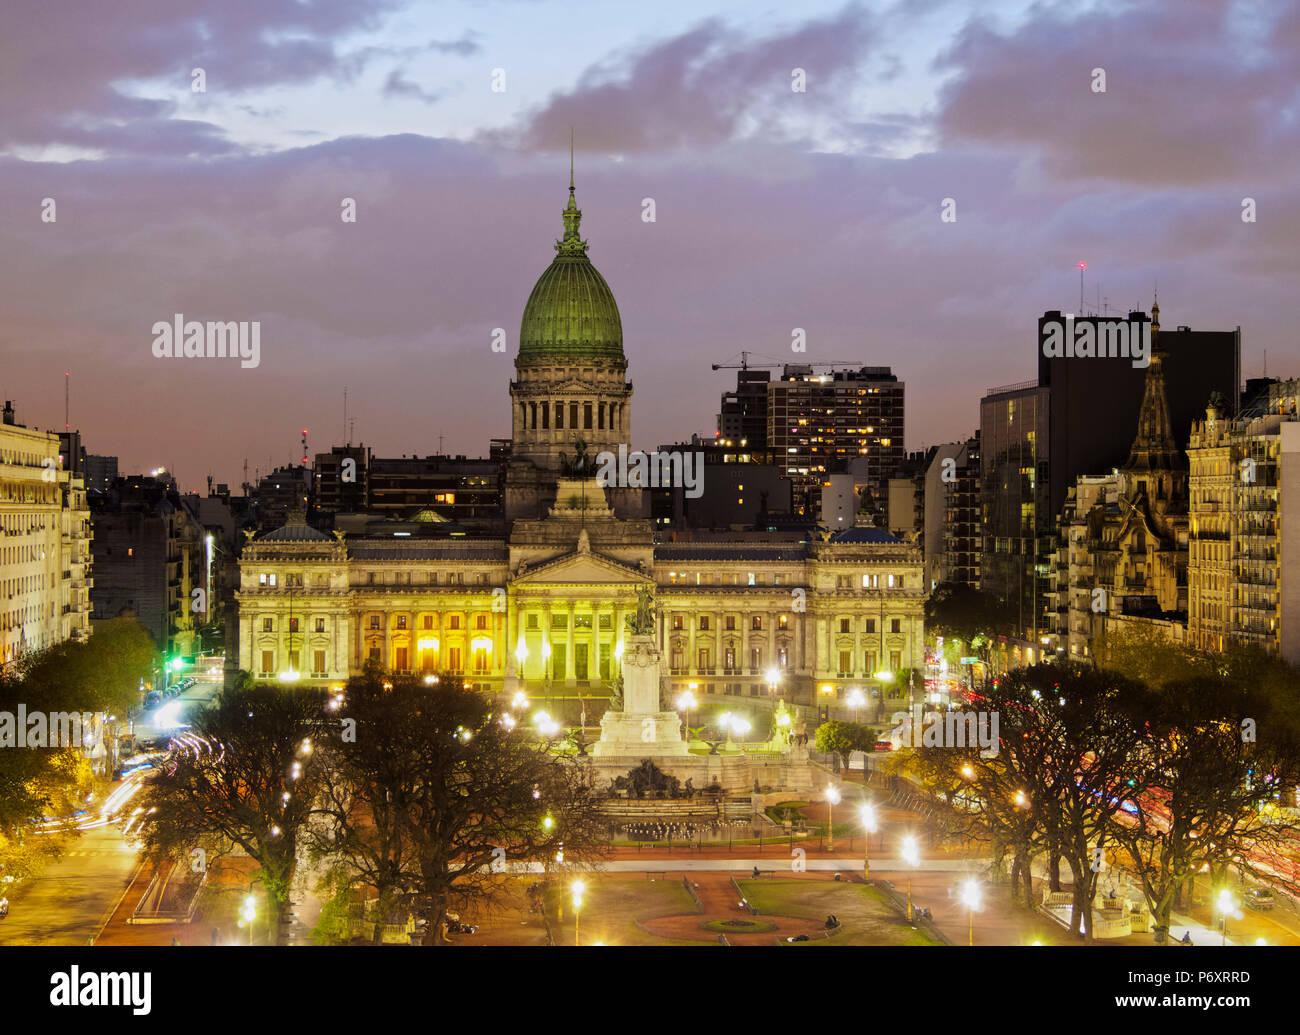 Argentine, Province de Buenos Aires, Ville de Buenos Aires, la Plaza del Congreso, augmentation de la vue sur le Palais des Congrès national argentin. Photo Stock